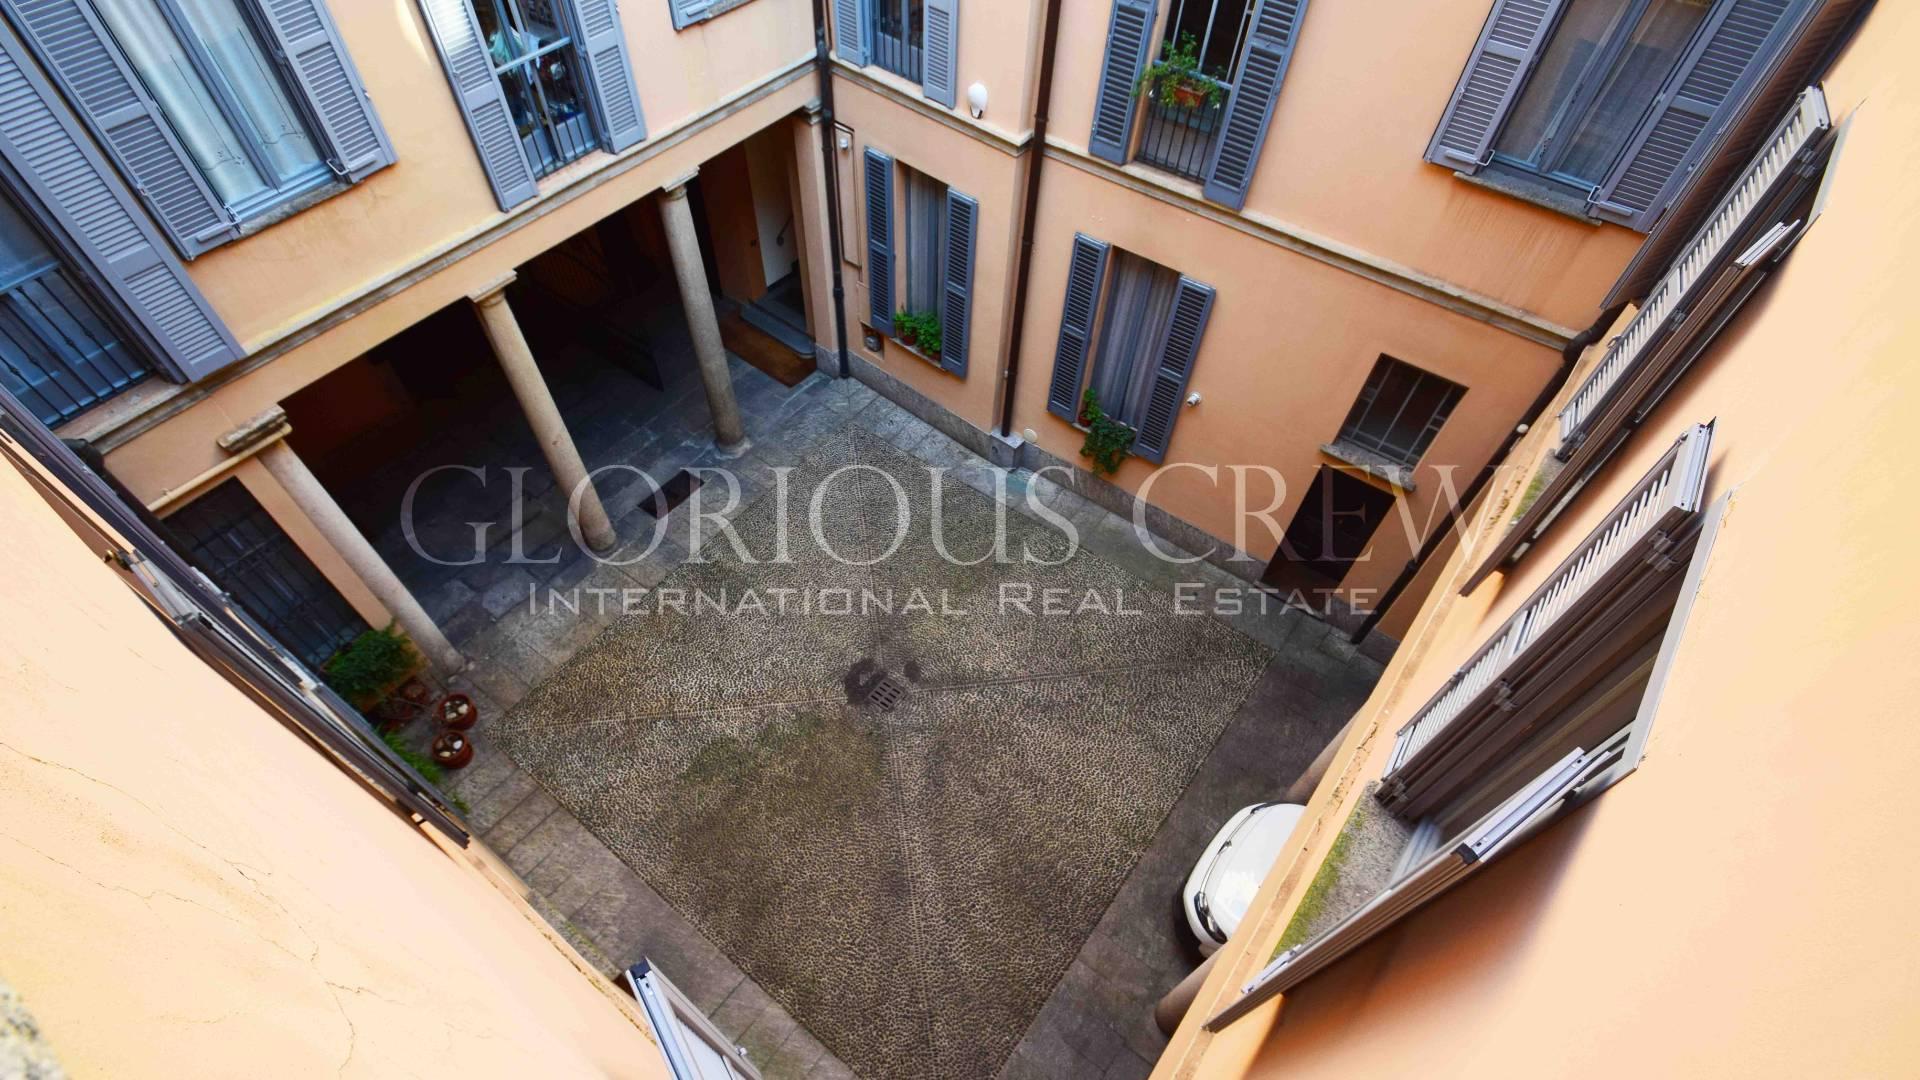 Appartamento in Vendita a Milano: 4 locali, 129 mq - Foto 13